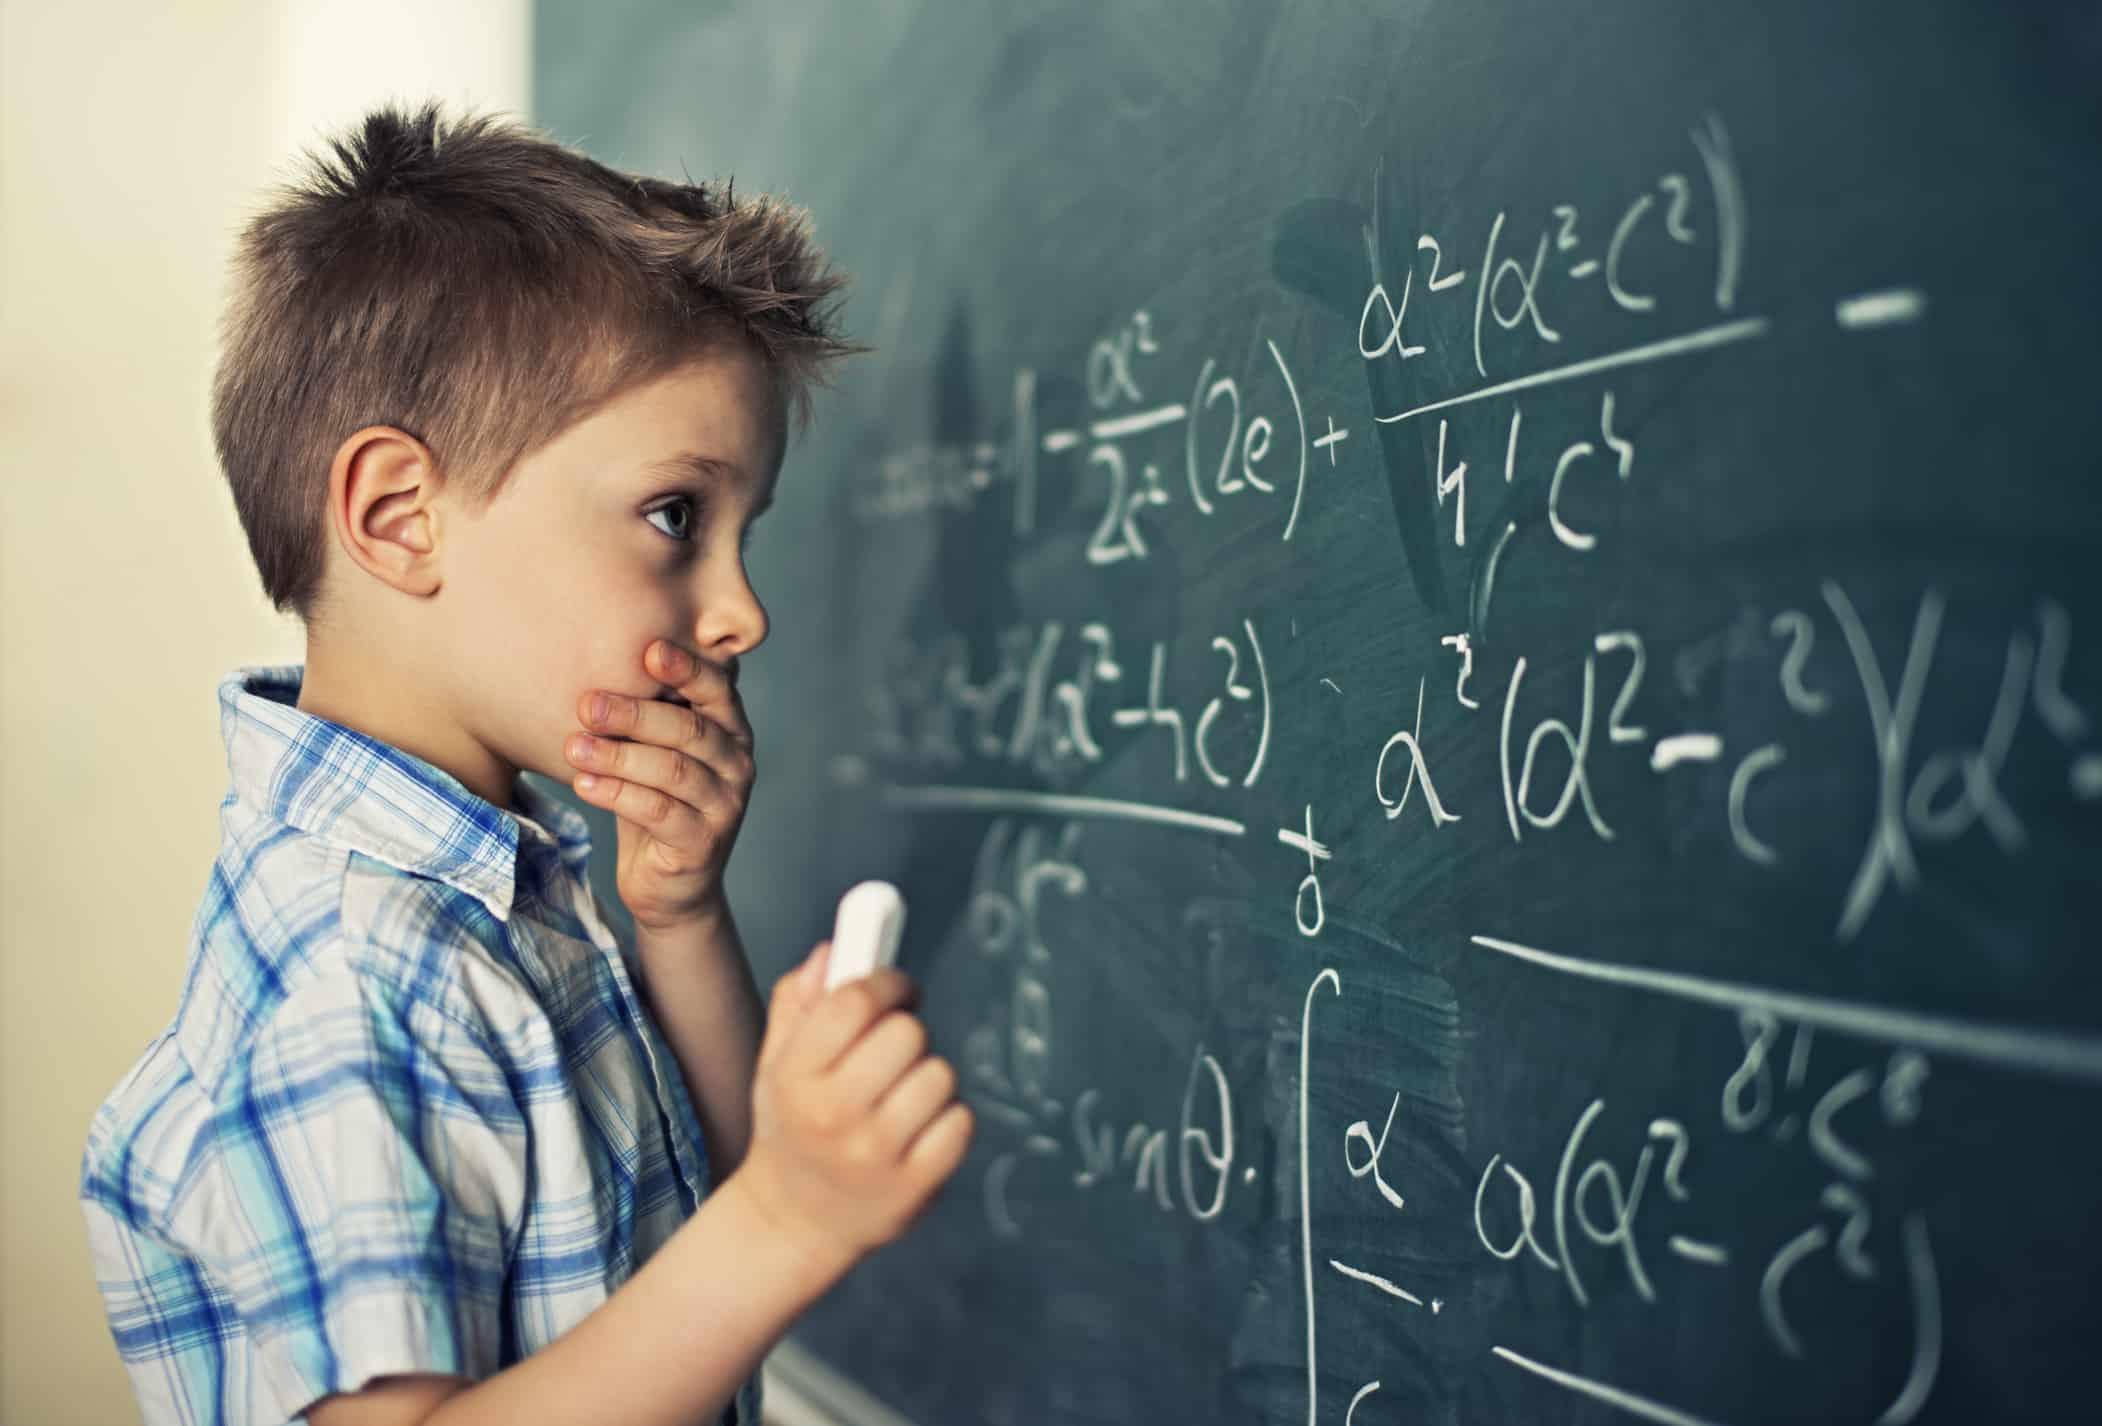 Les mathématiques : un problème à résoudre sans attendre